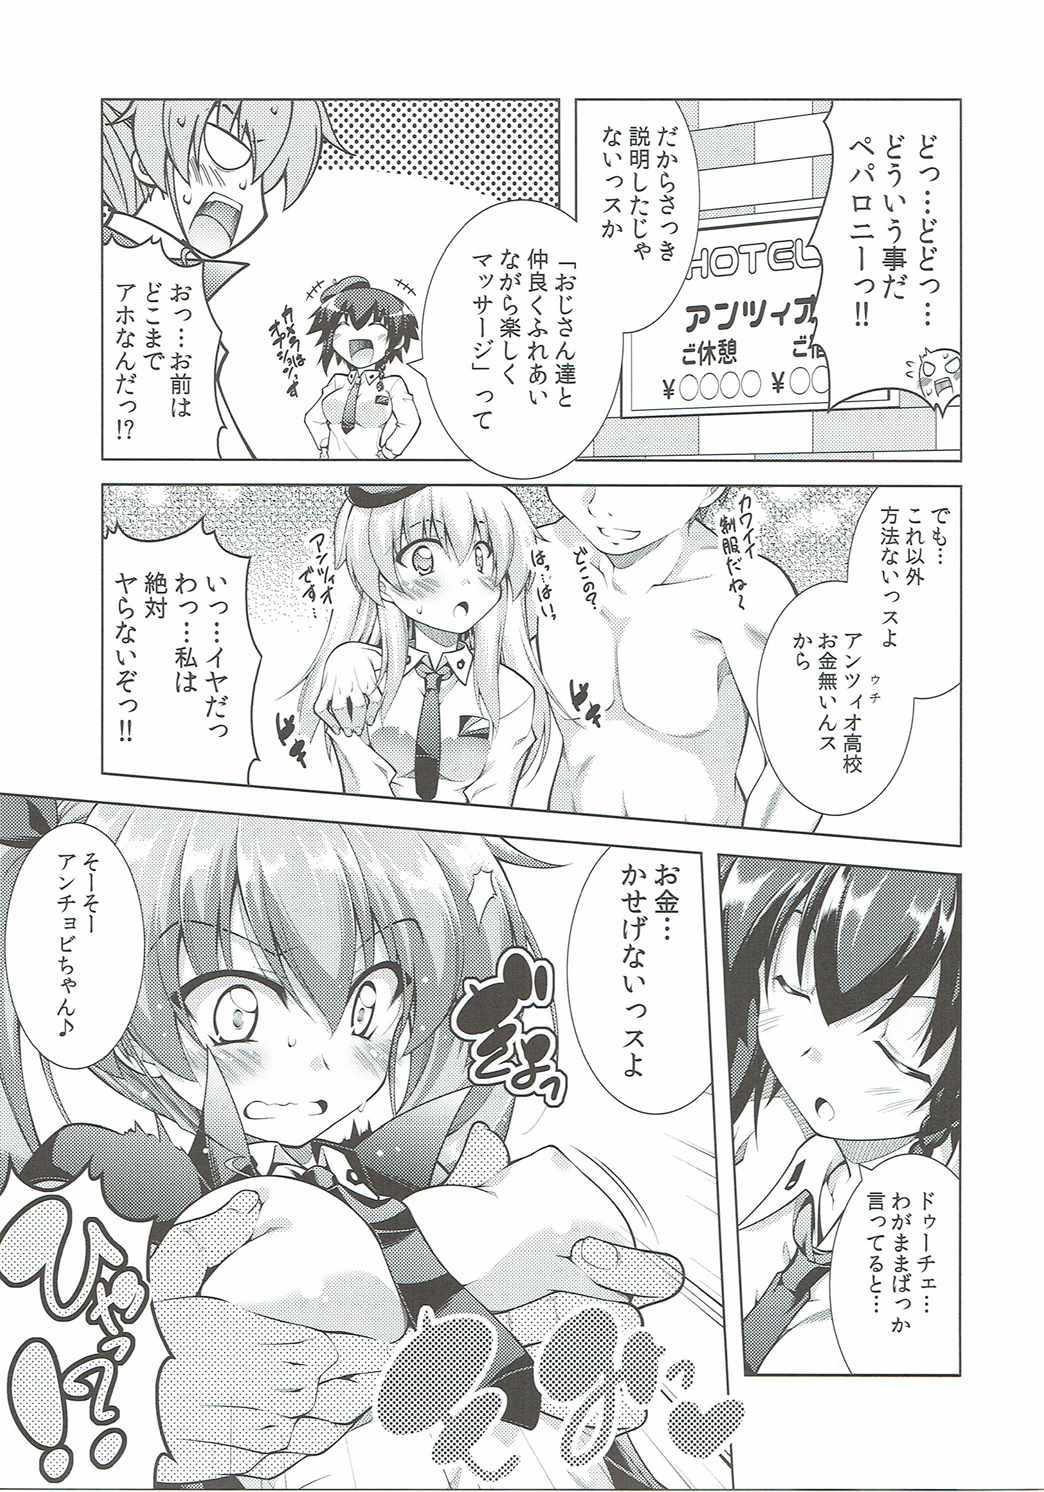 Anzio Koukou wa Okane ga Nai! 3